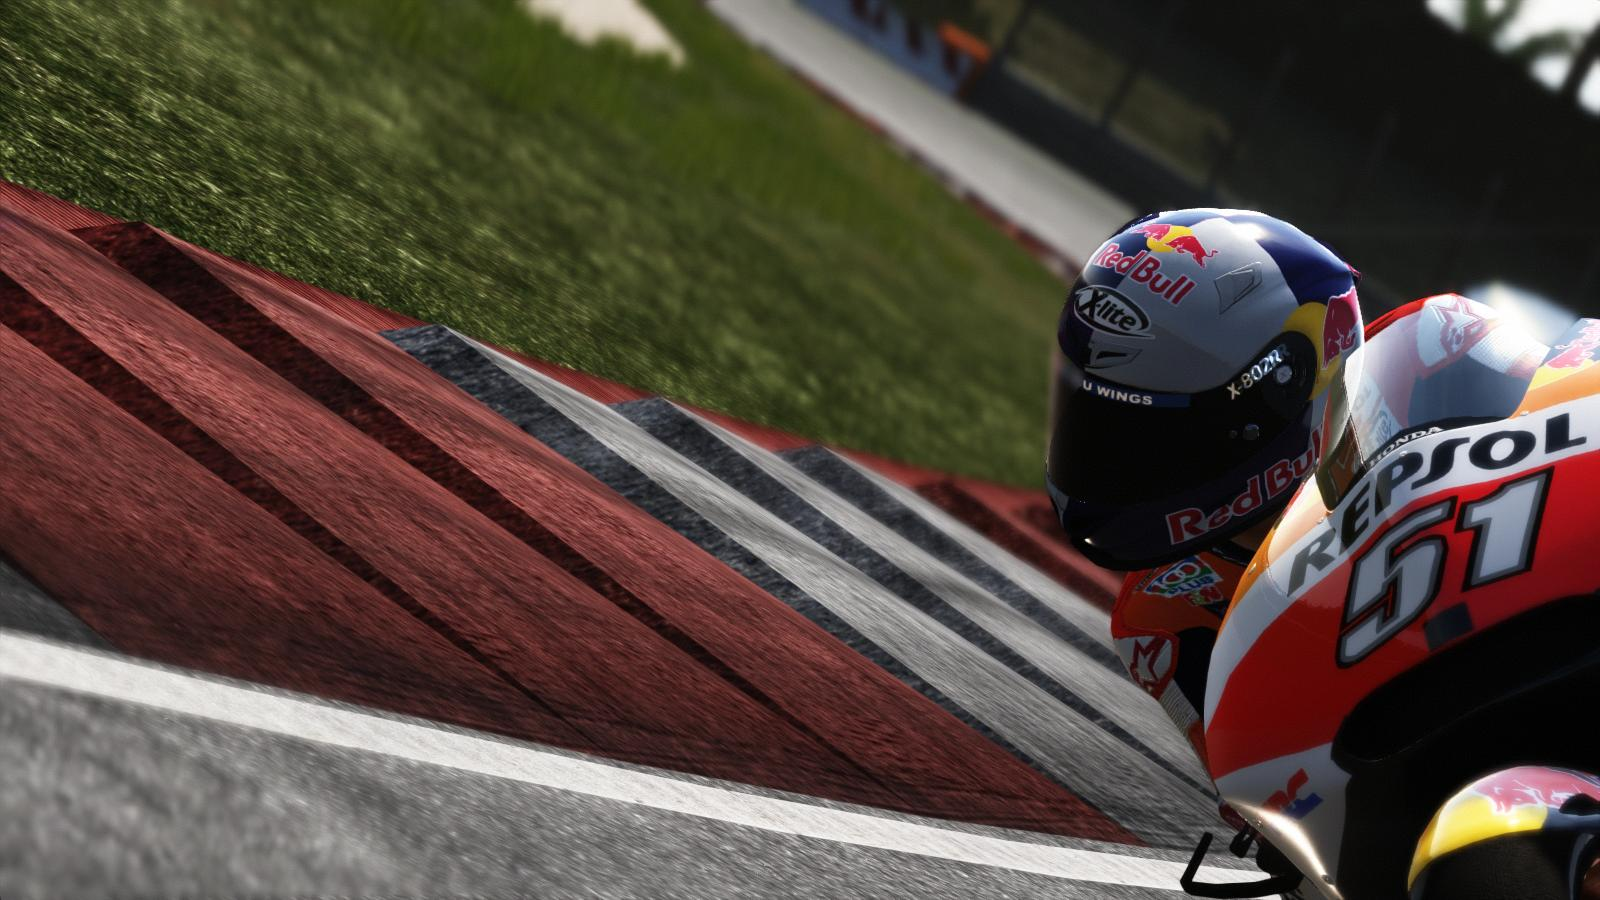 MotoGP15X64 2016-02-08 00-35-52-31.jpg